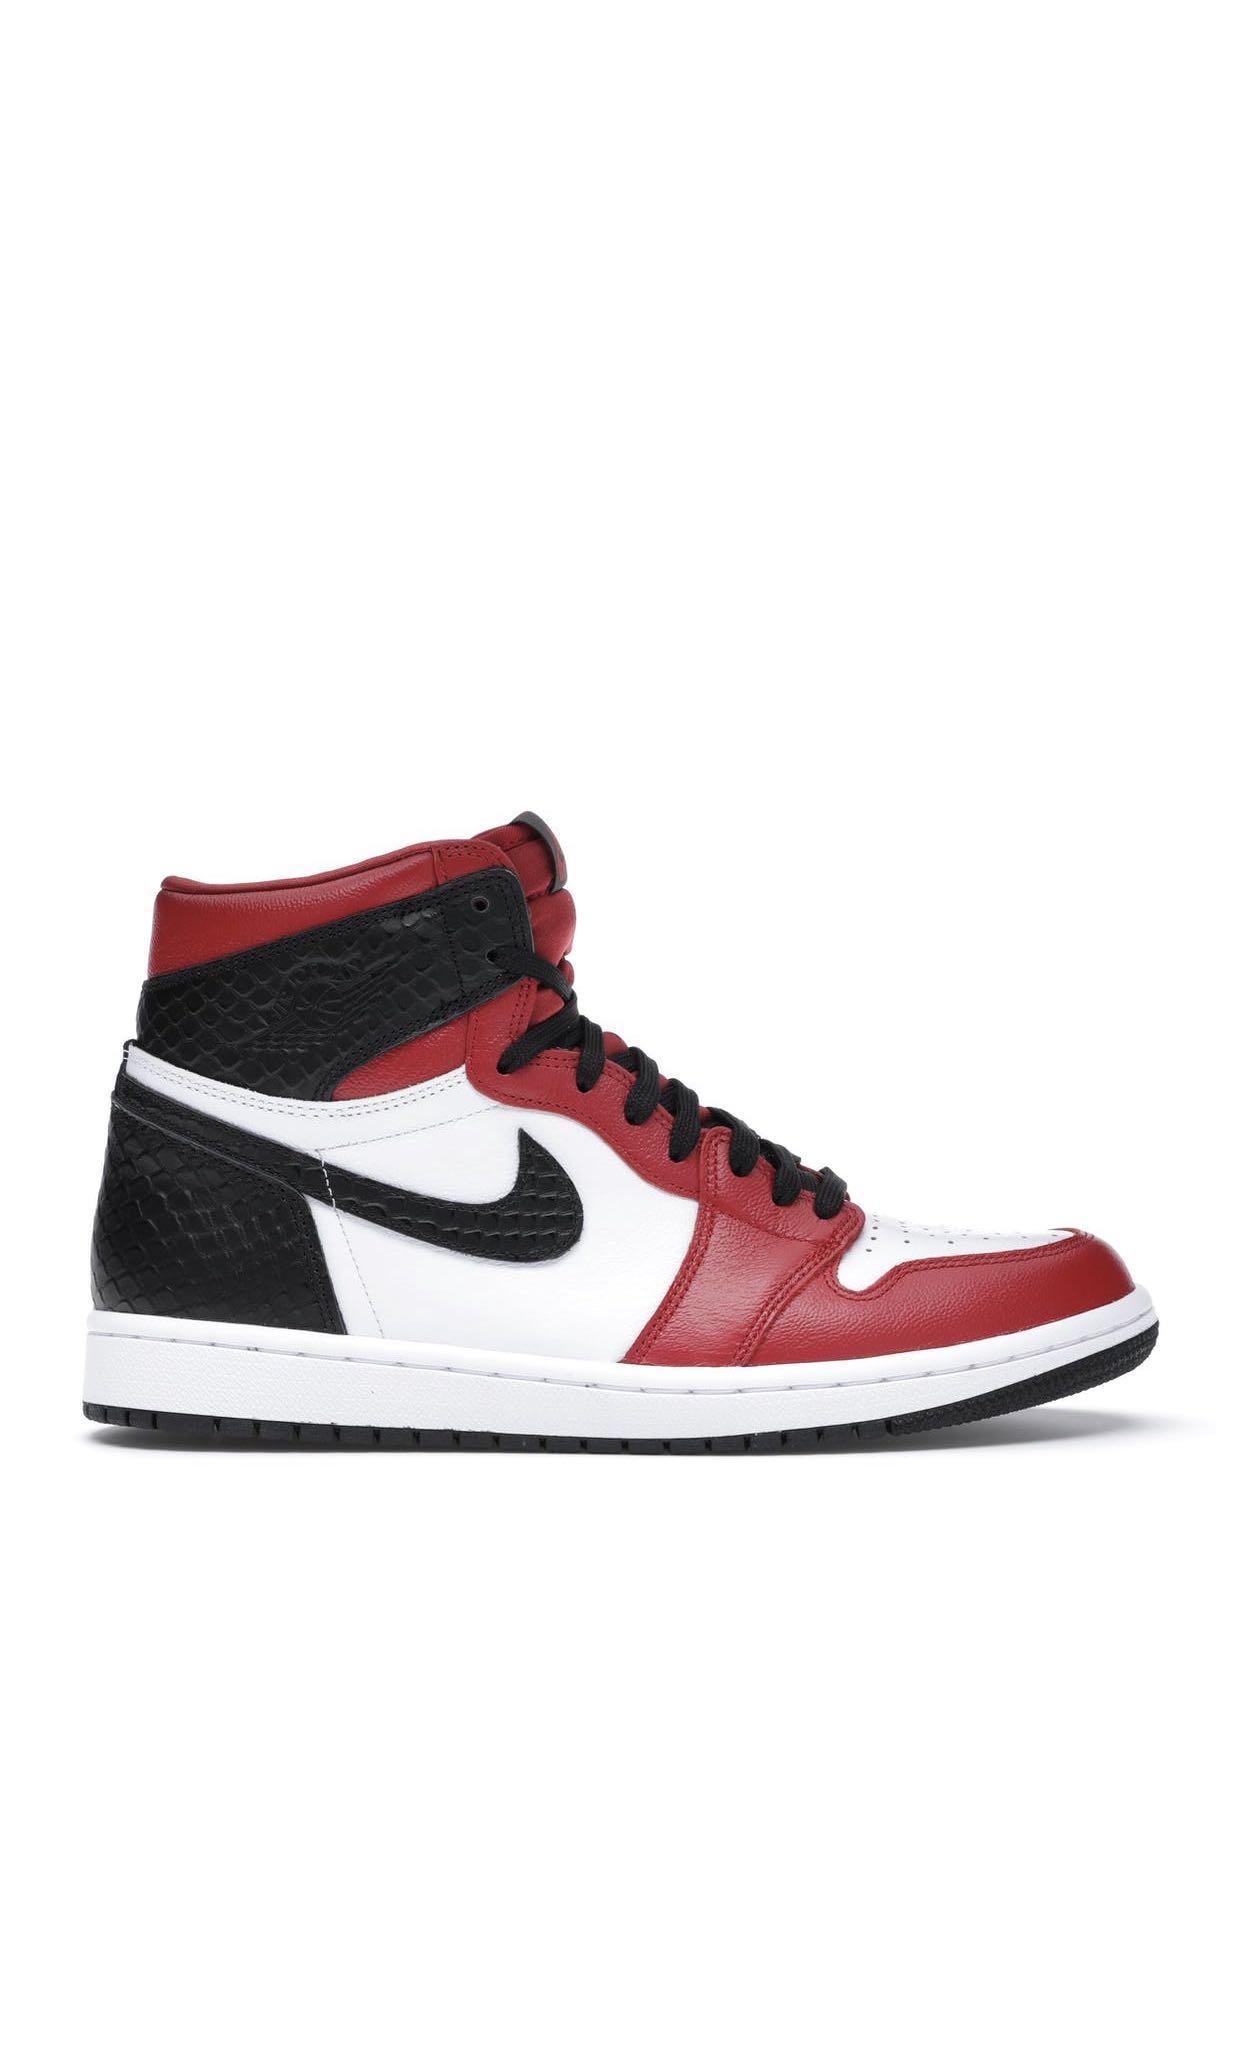 Women's Nike Jordan 1 Snakeskin Chicago